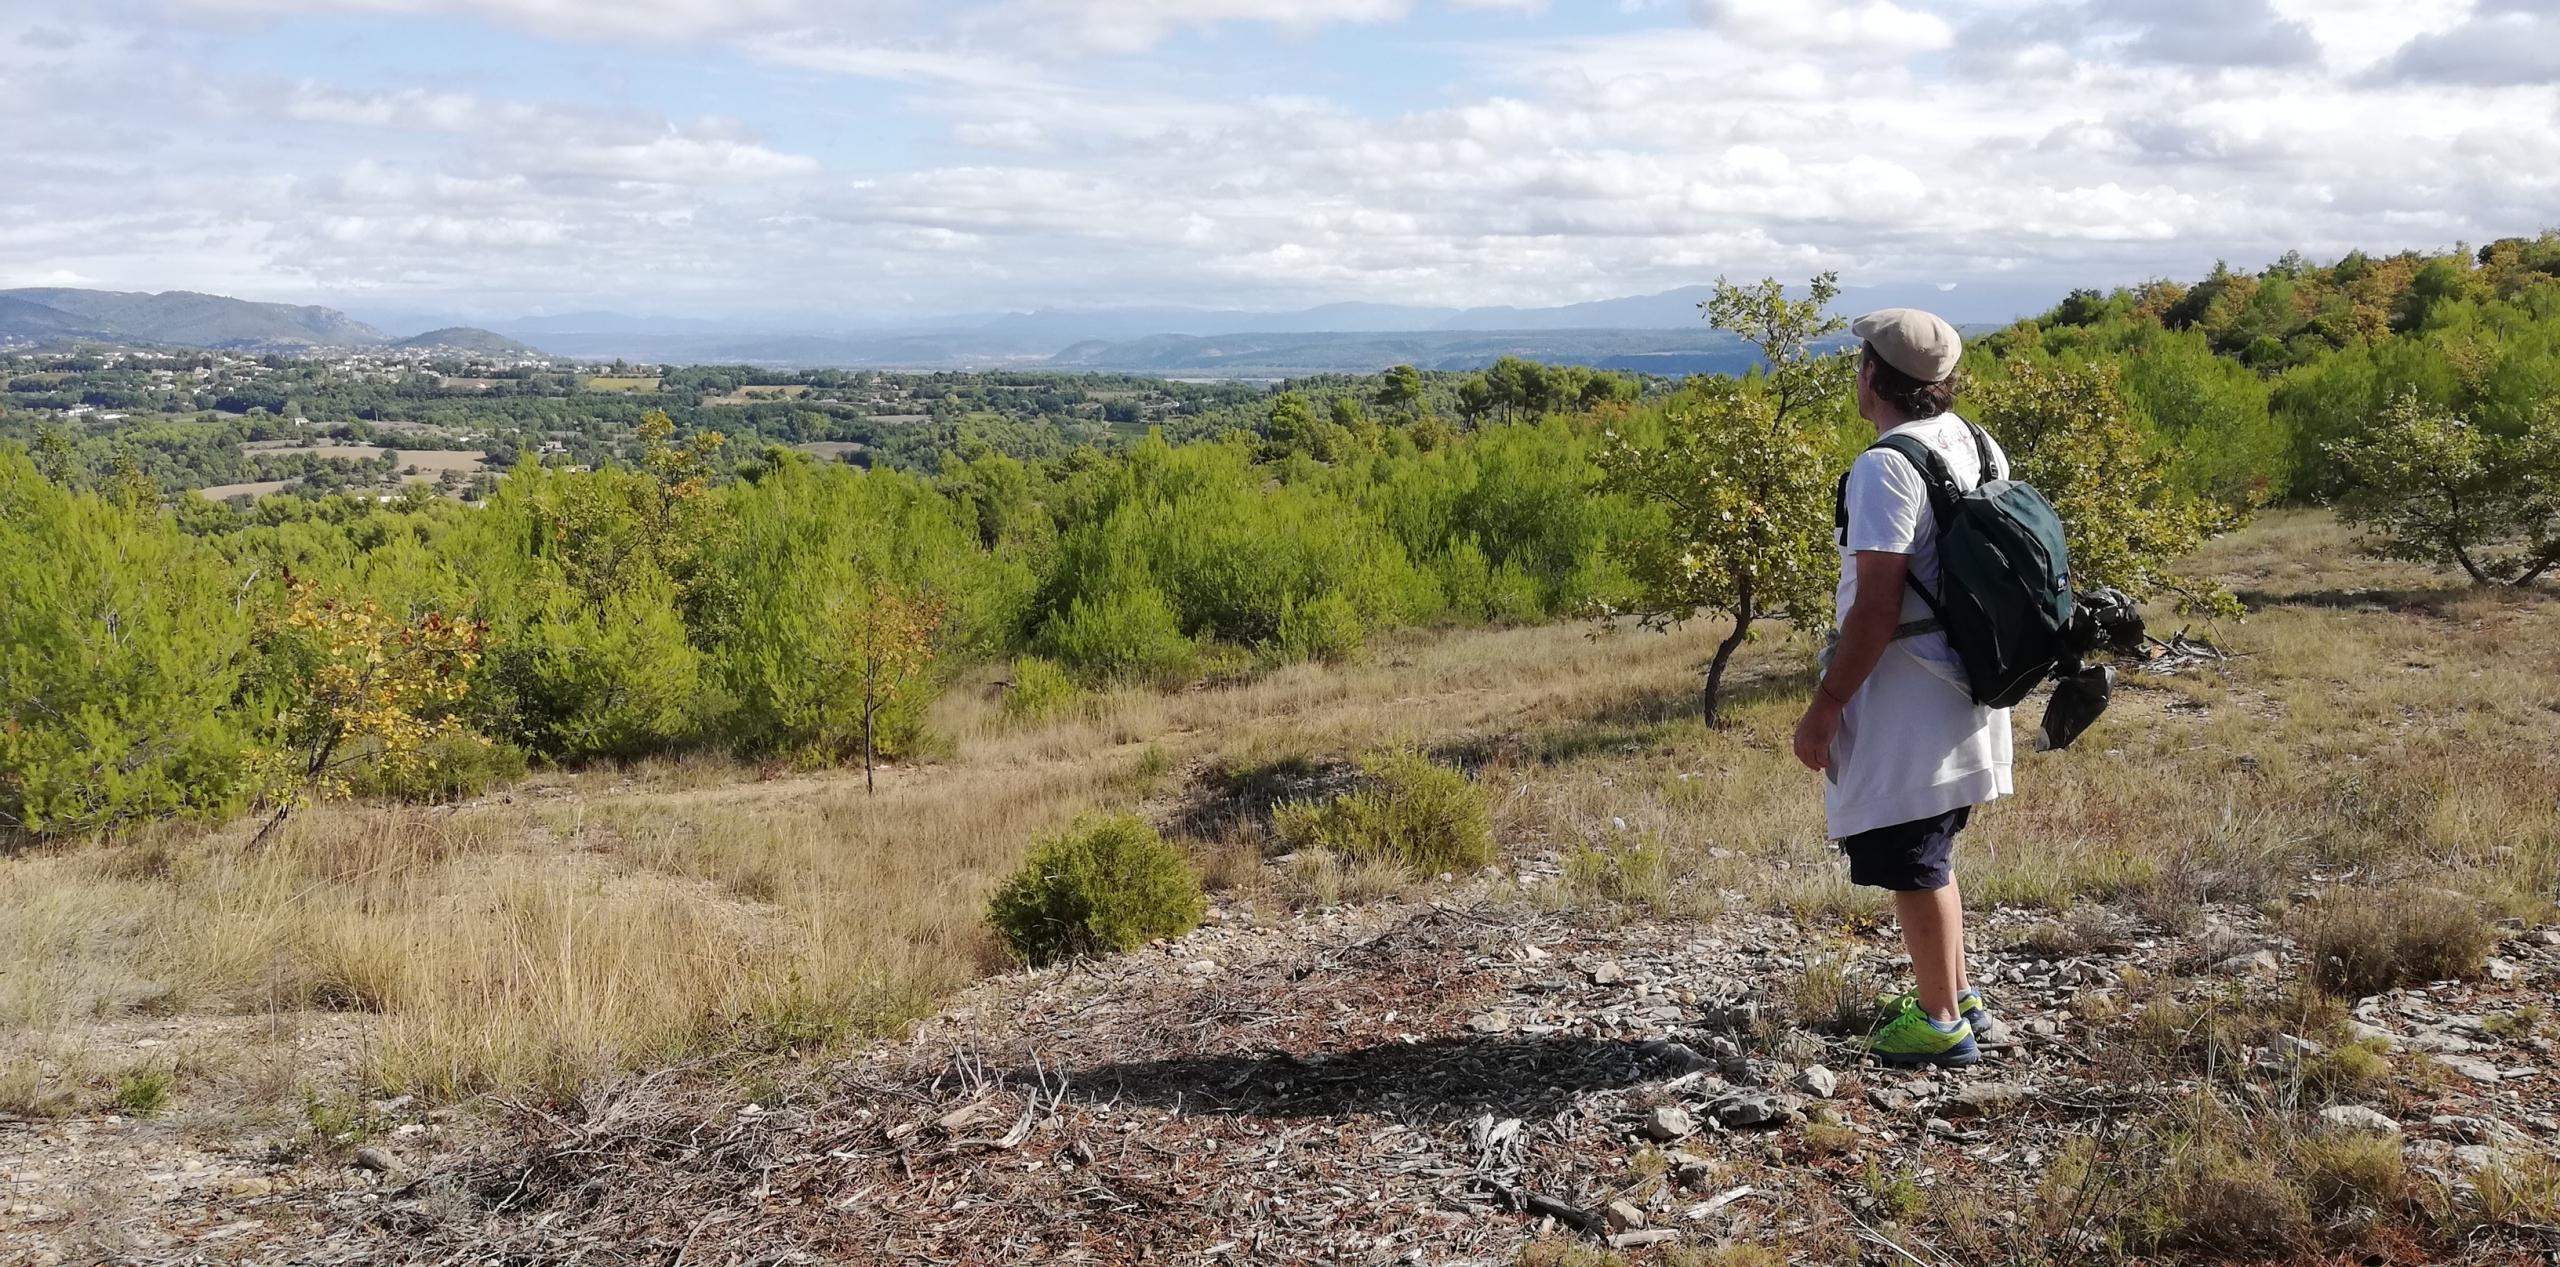 FR 5 landscape